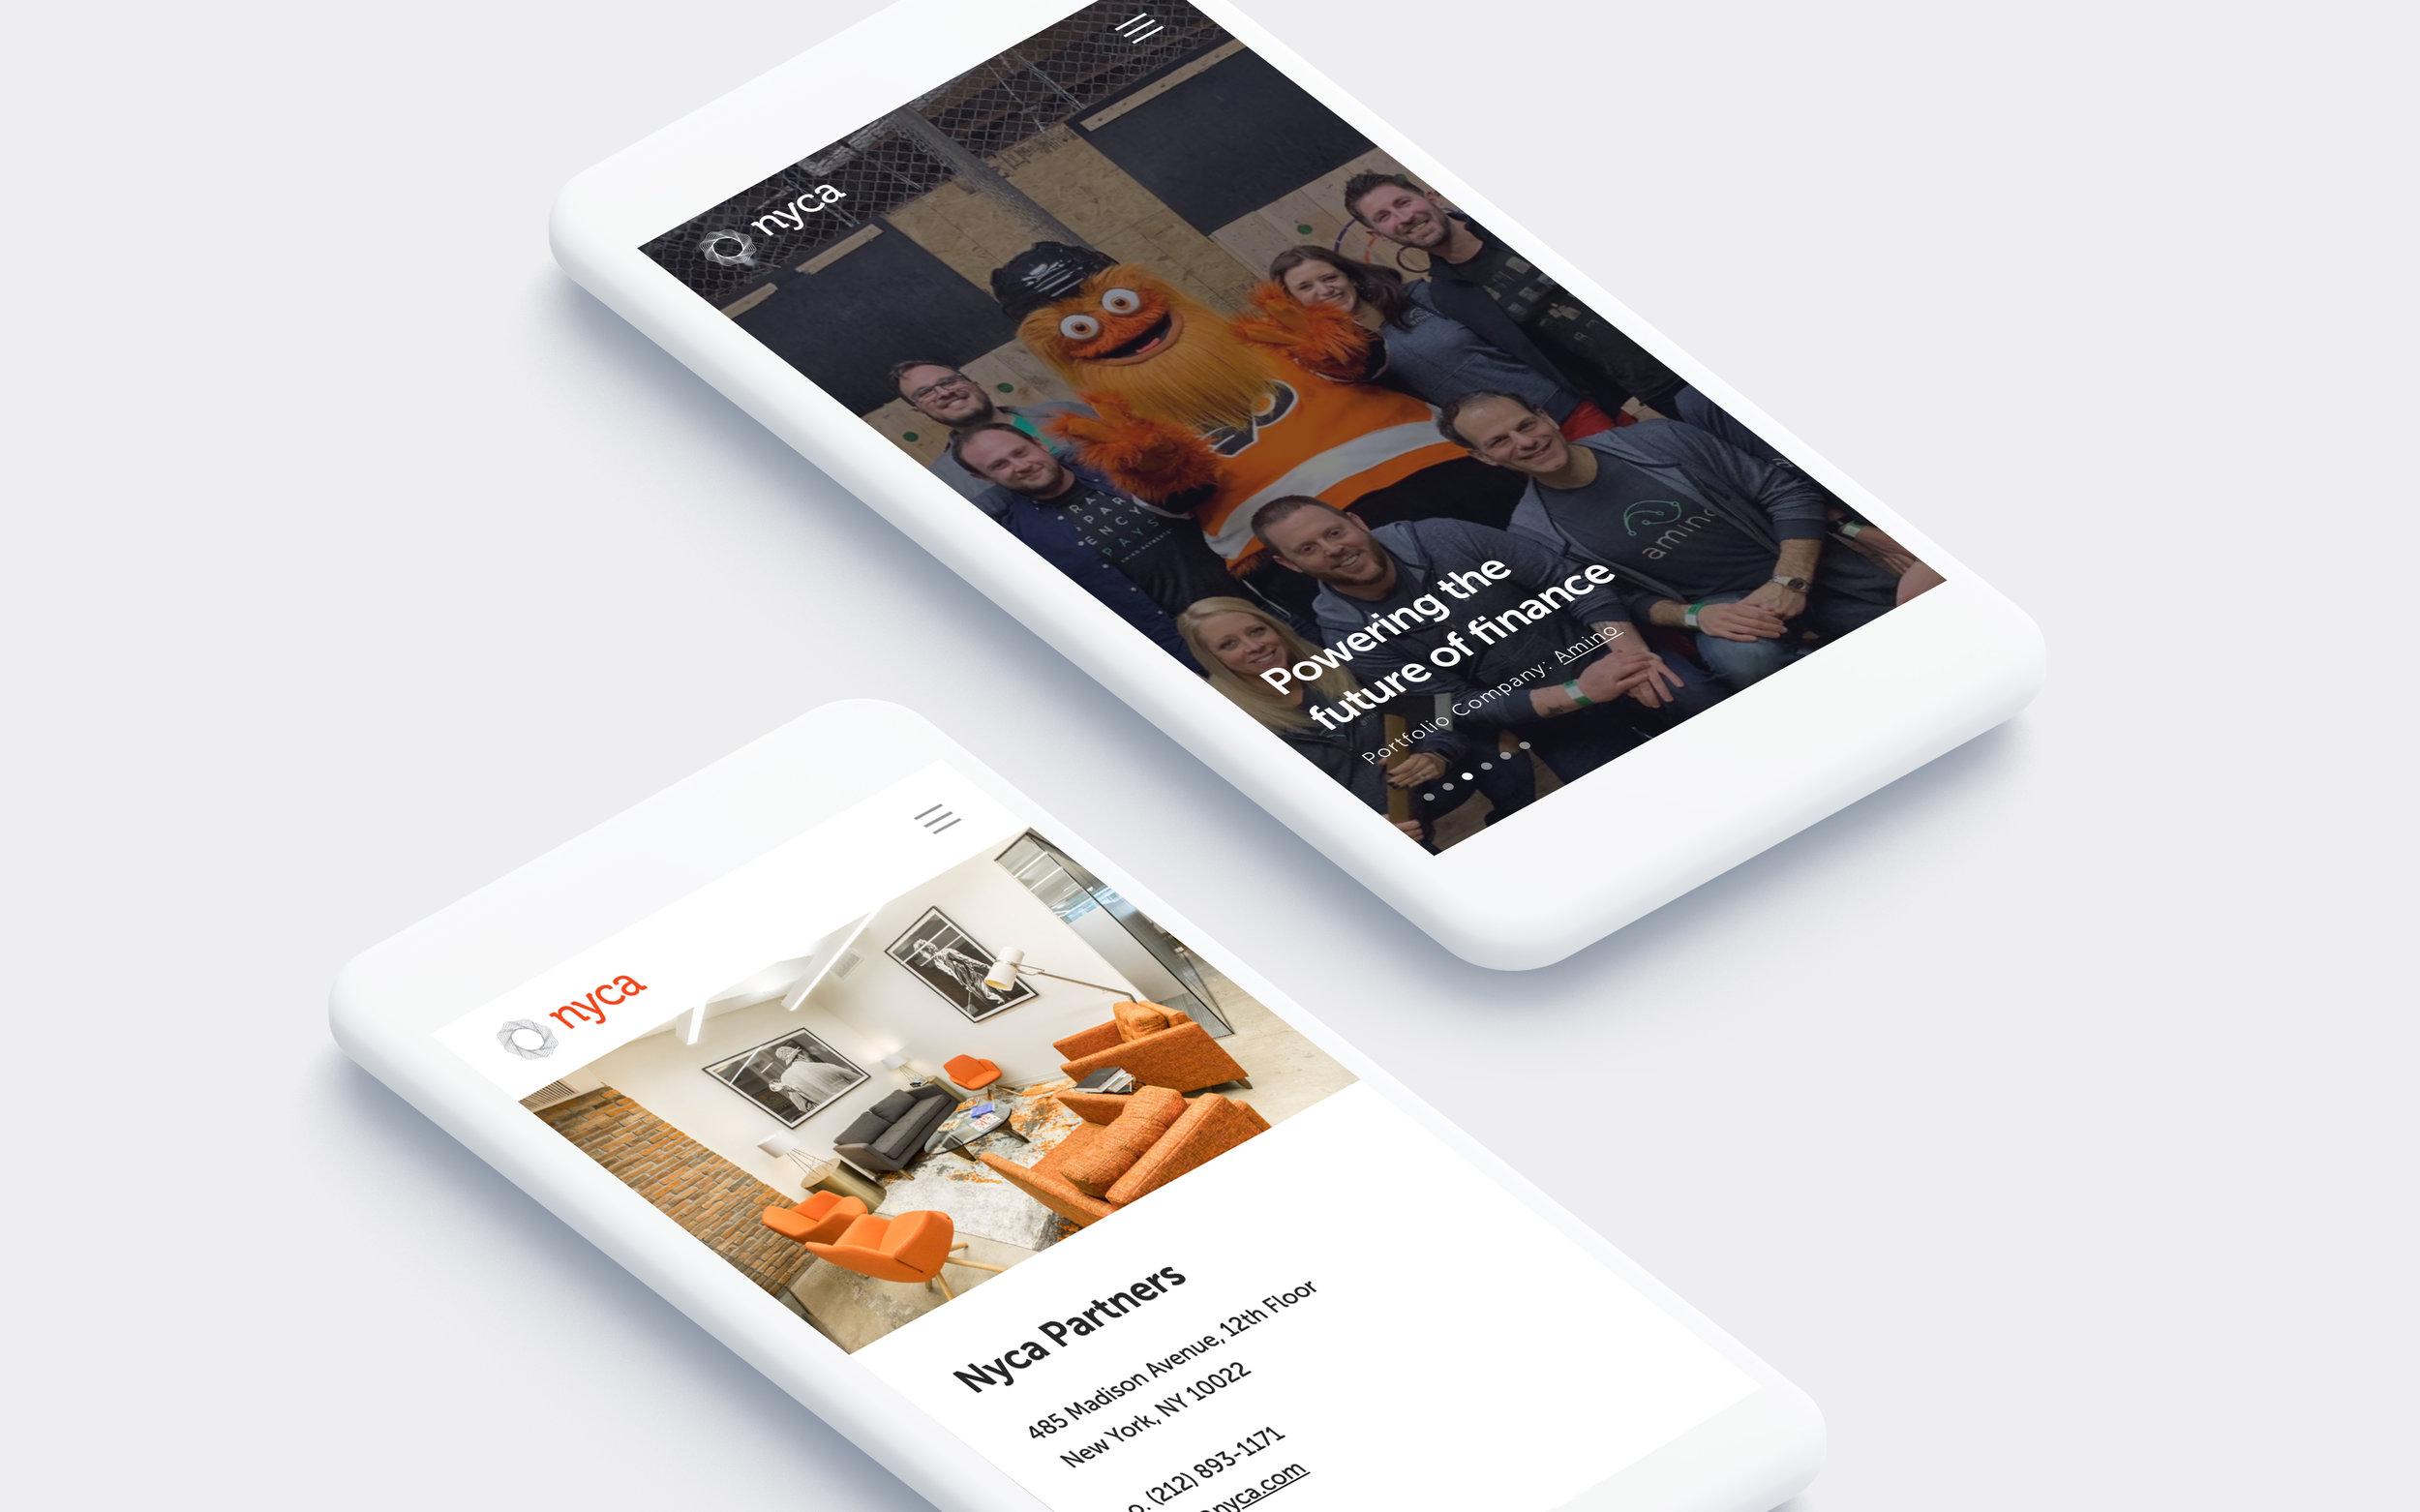 nyca-mobile mockup-home page.jpg